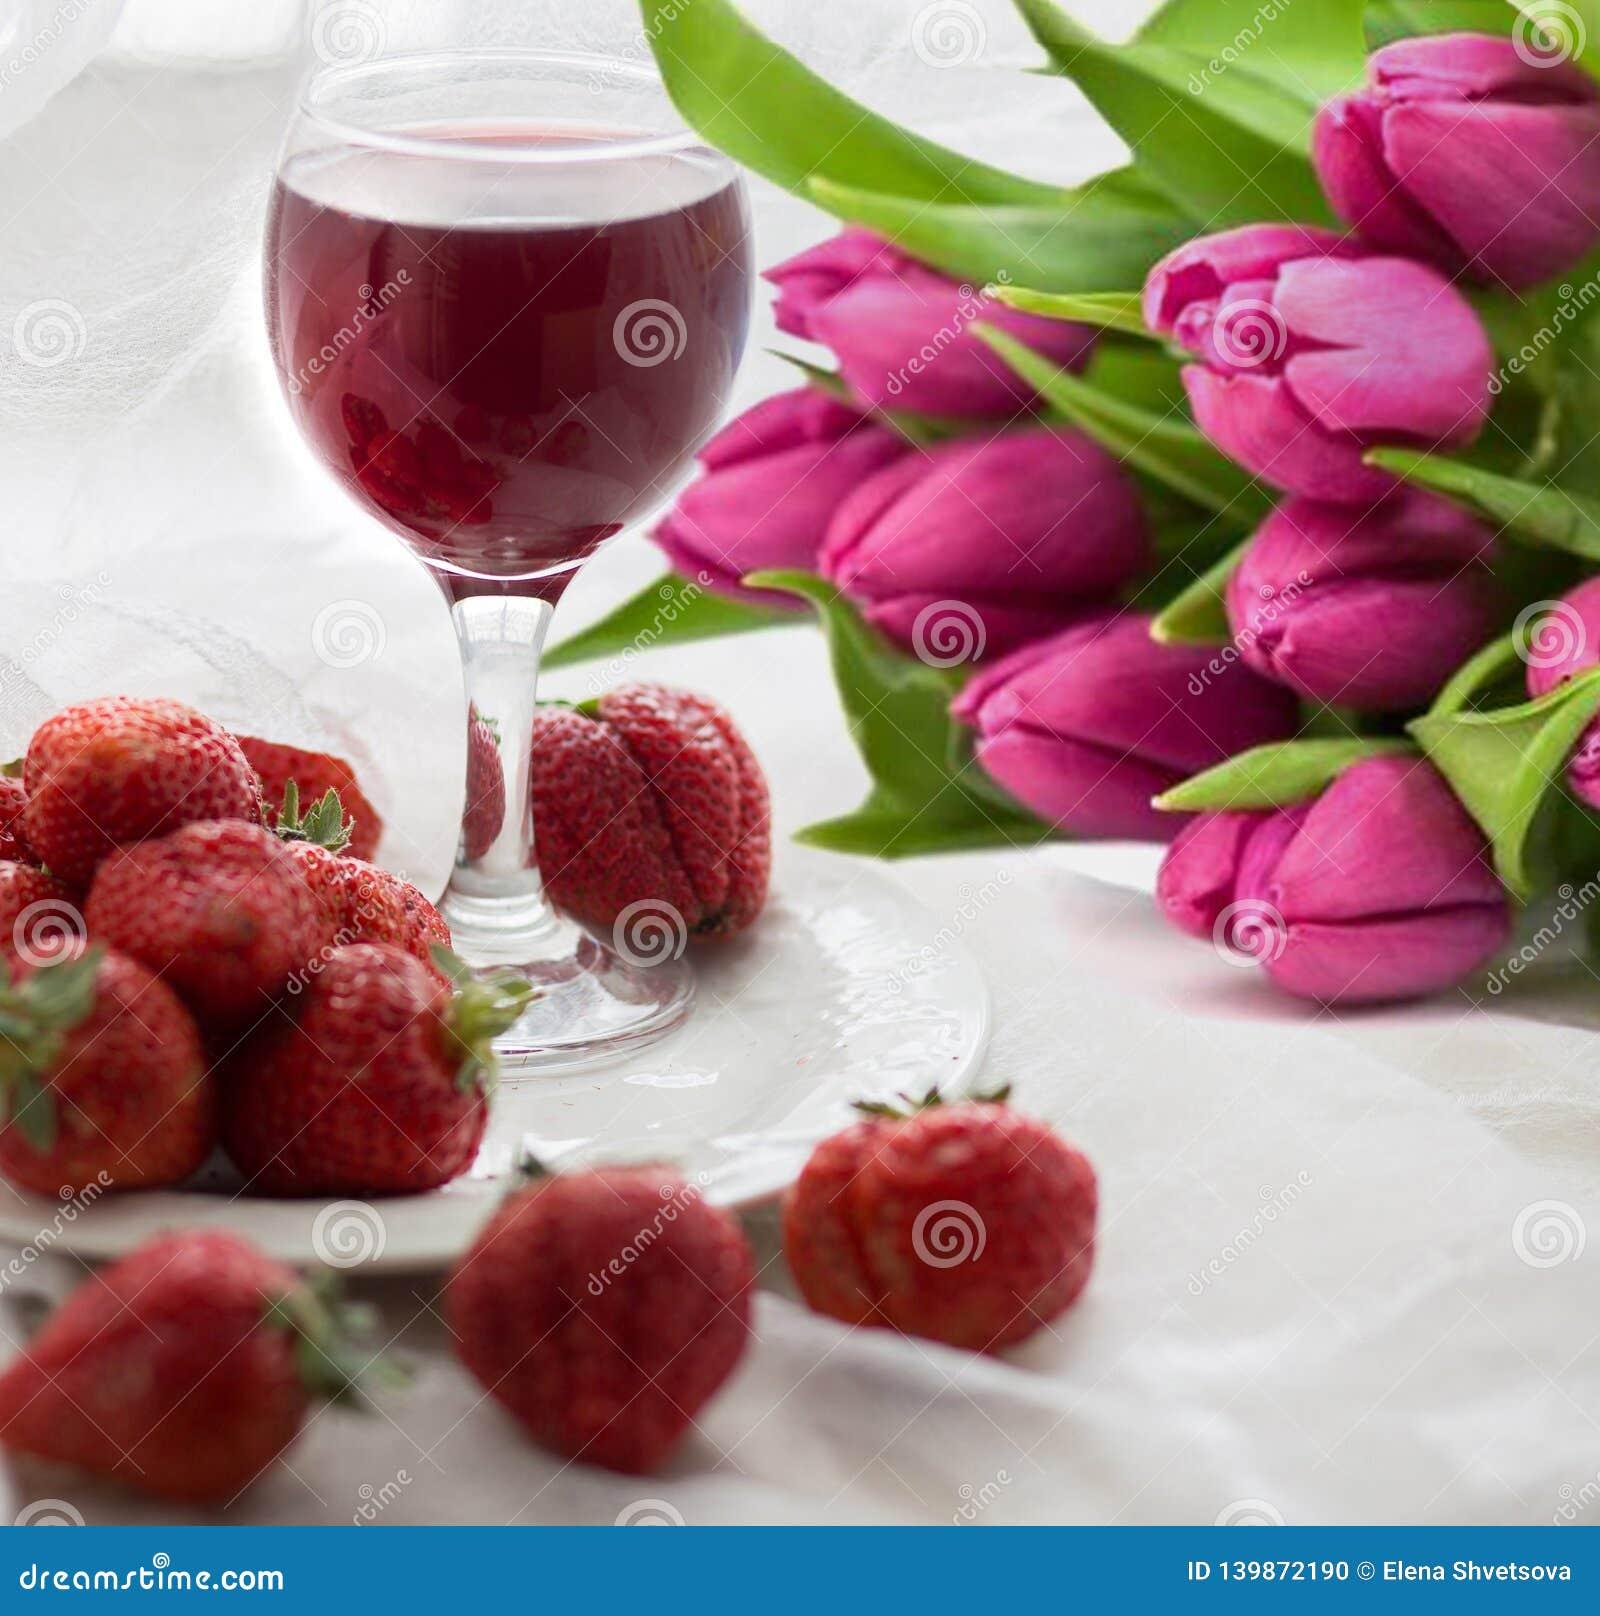 郁金香、草莓和酒花束